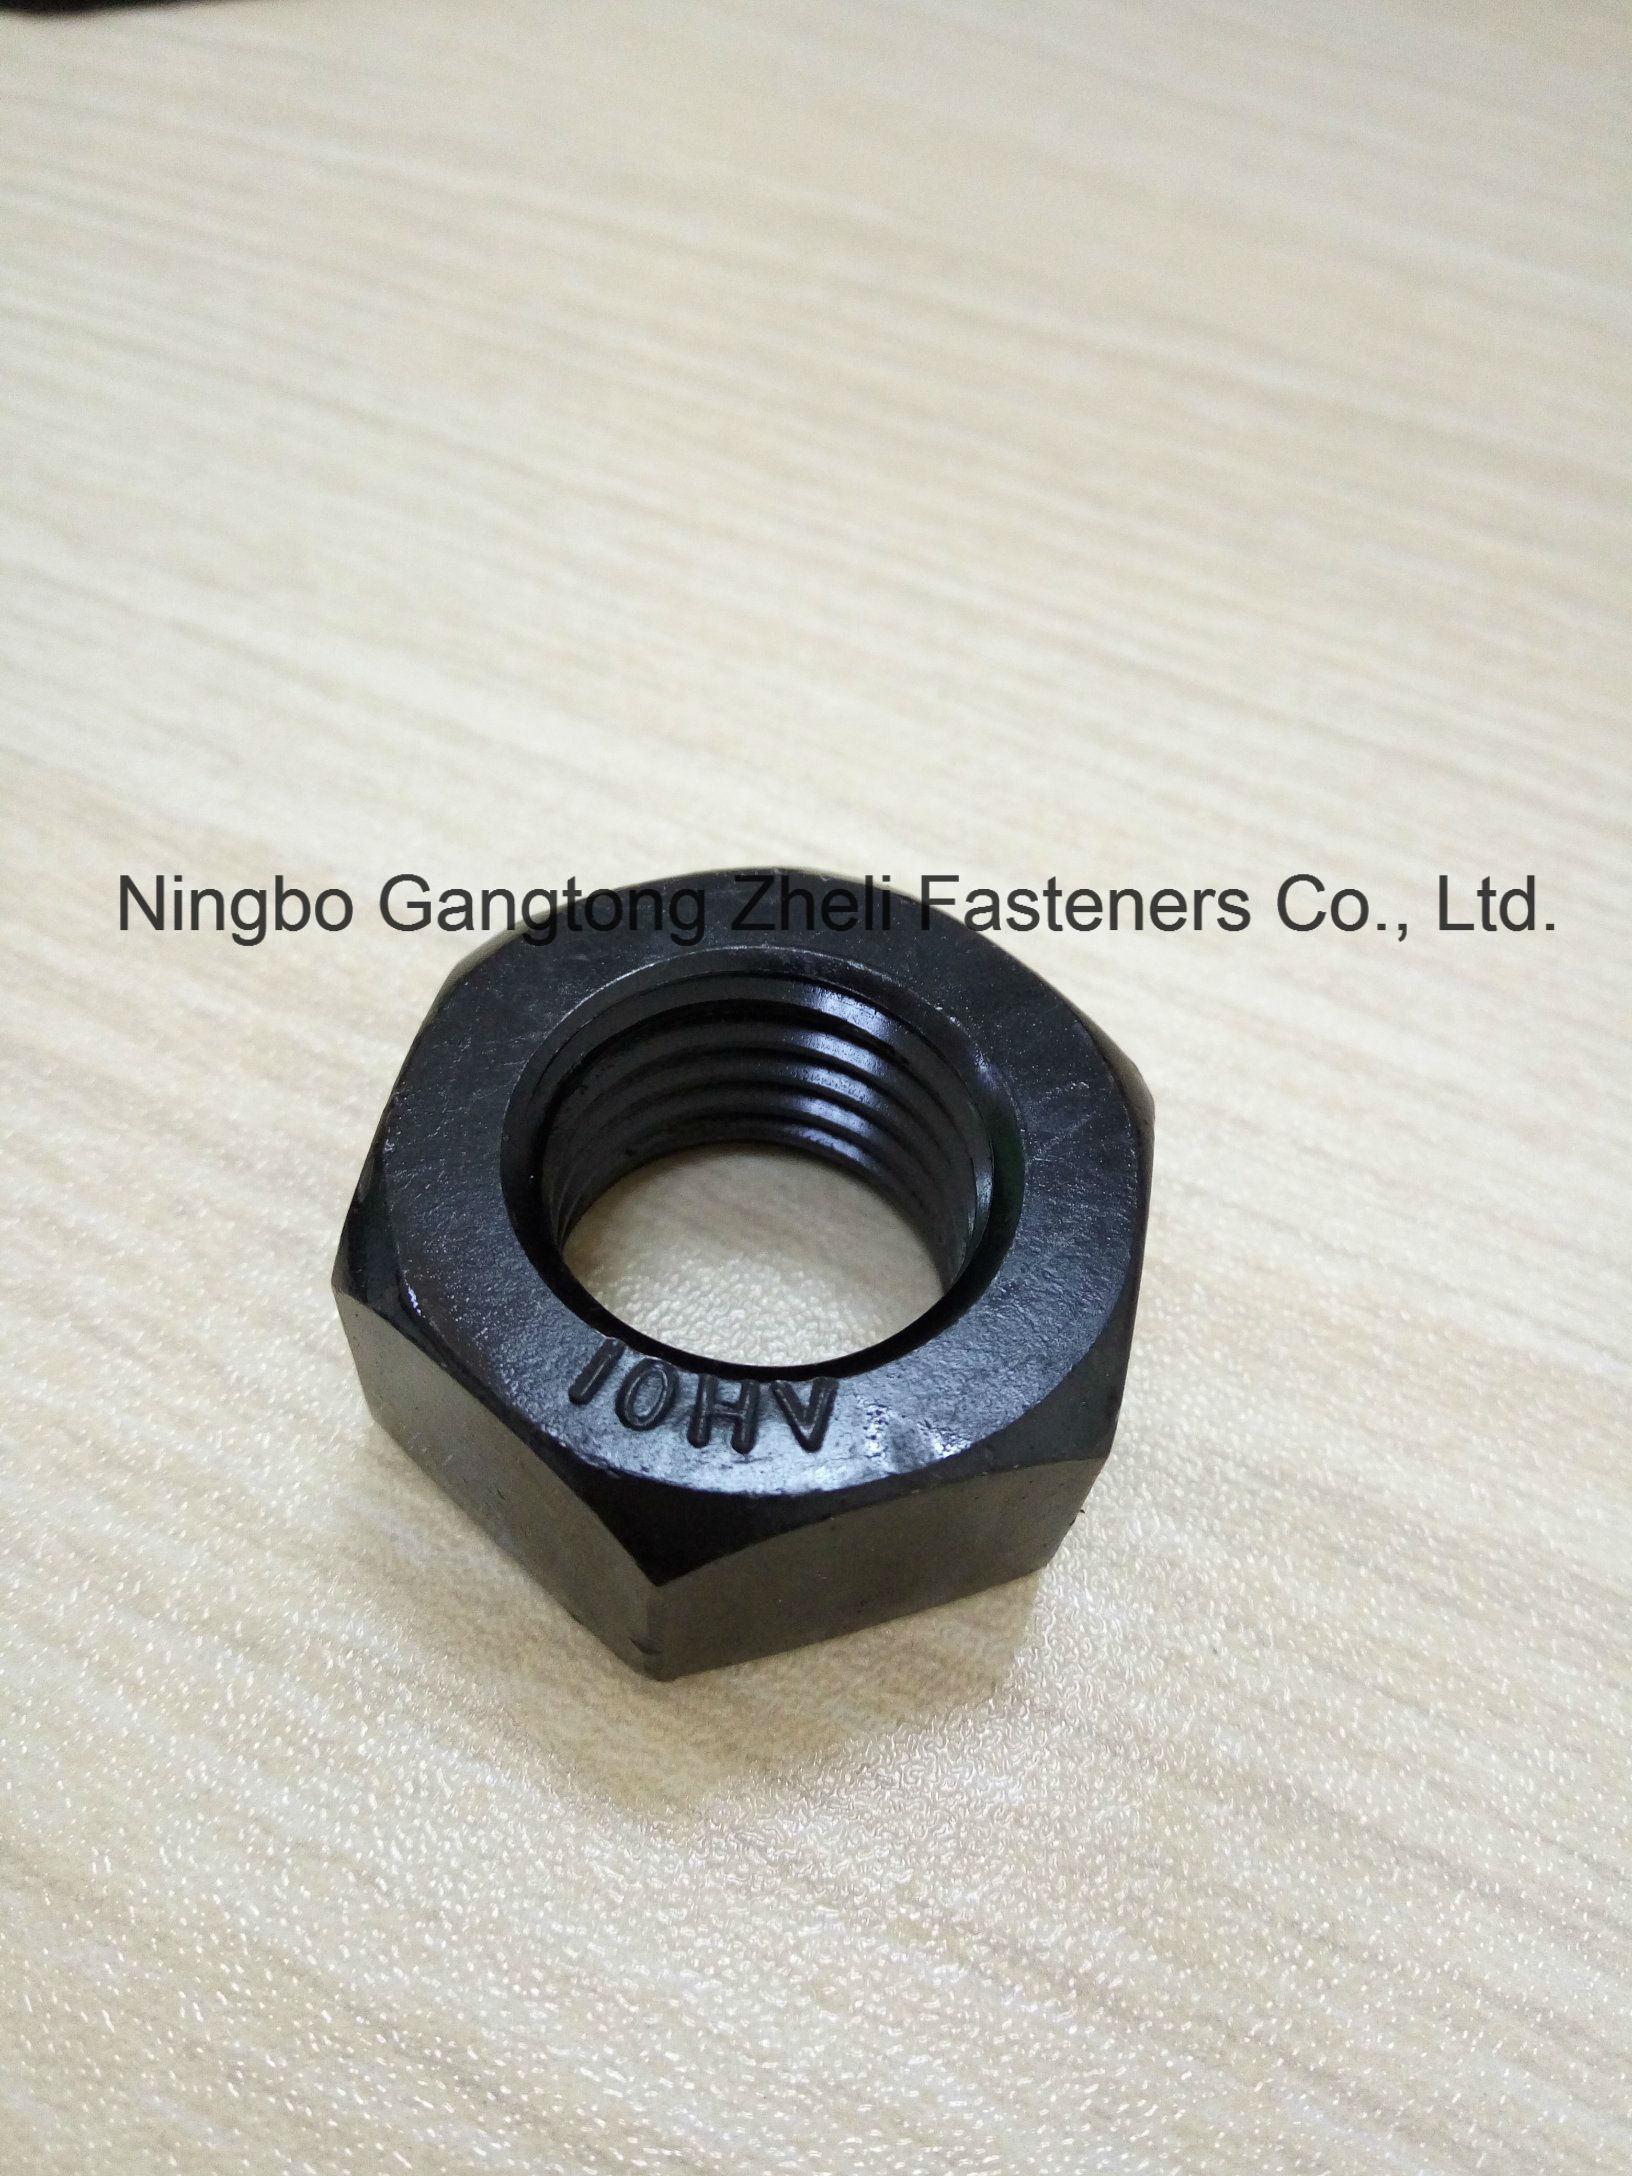 Black Finish DIN6915 10 Hv Nuts